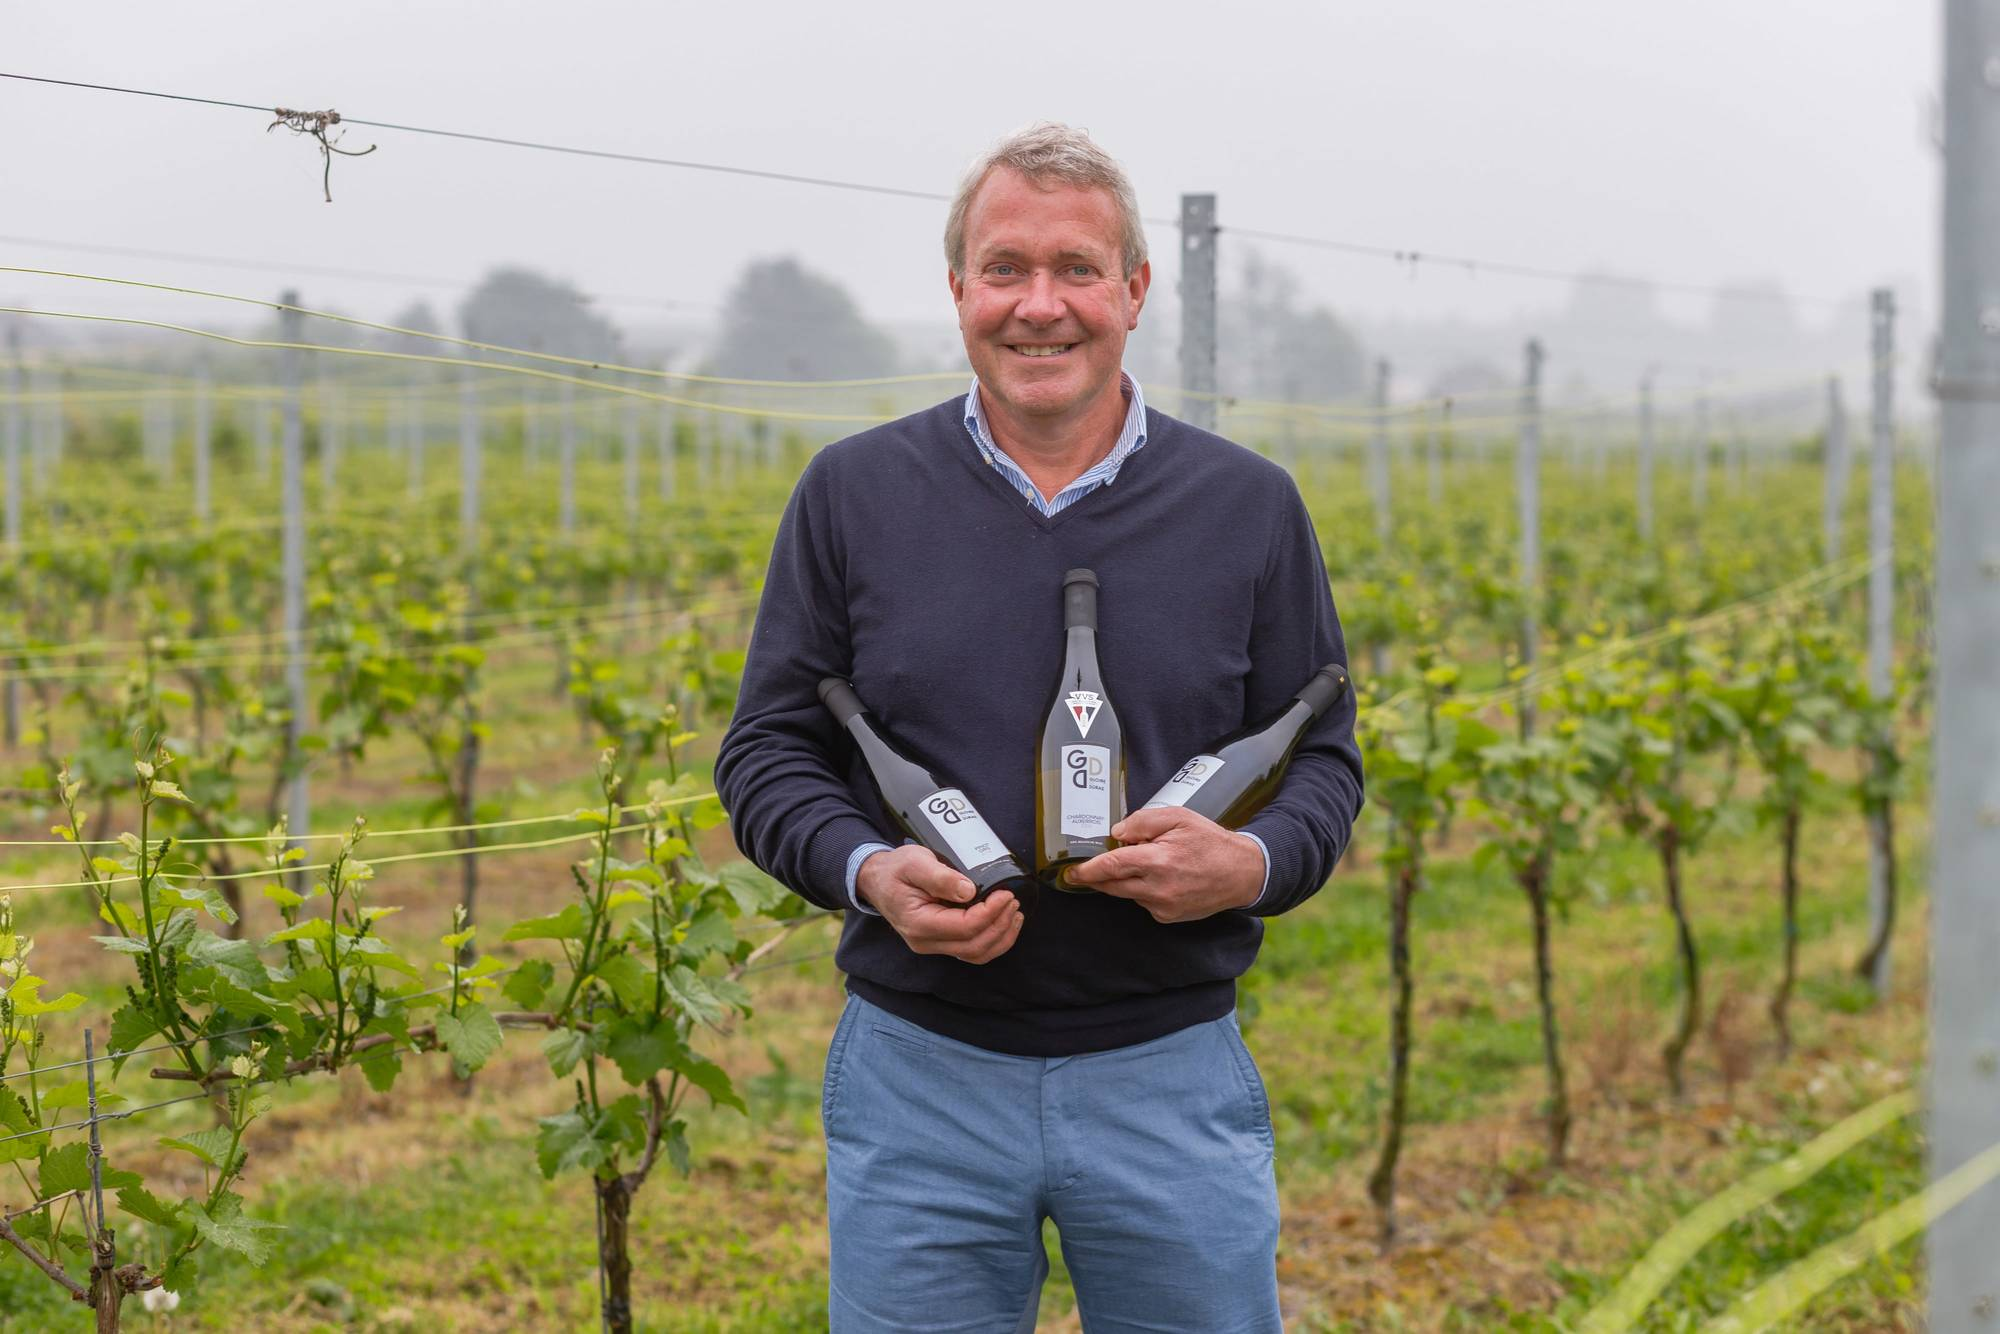 Het verhaal van de wijnen Gloire de Duras in Wilderen